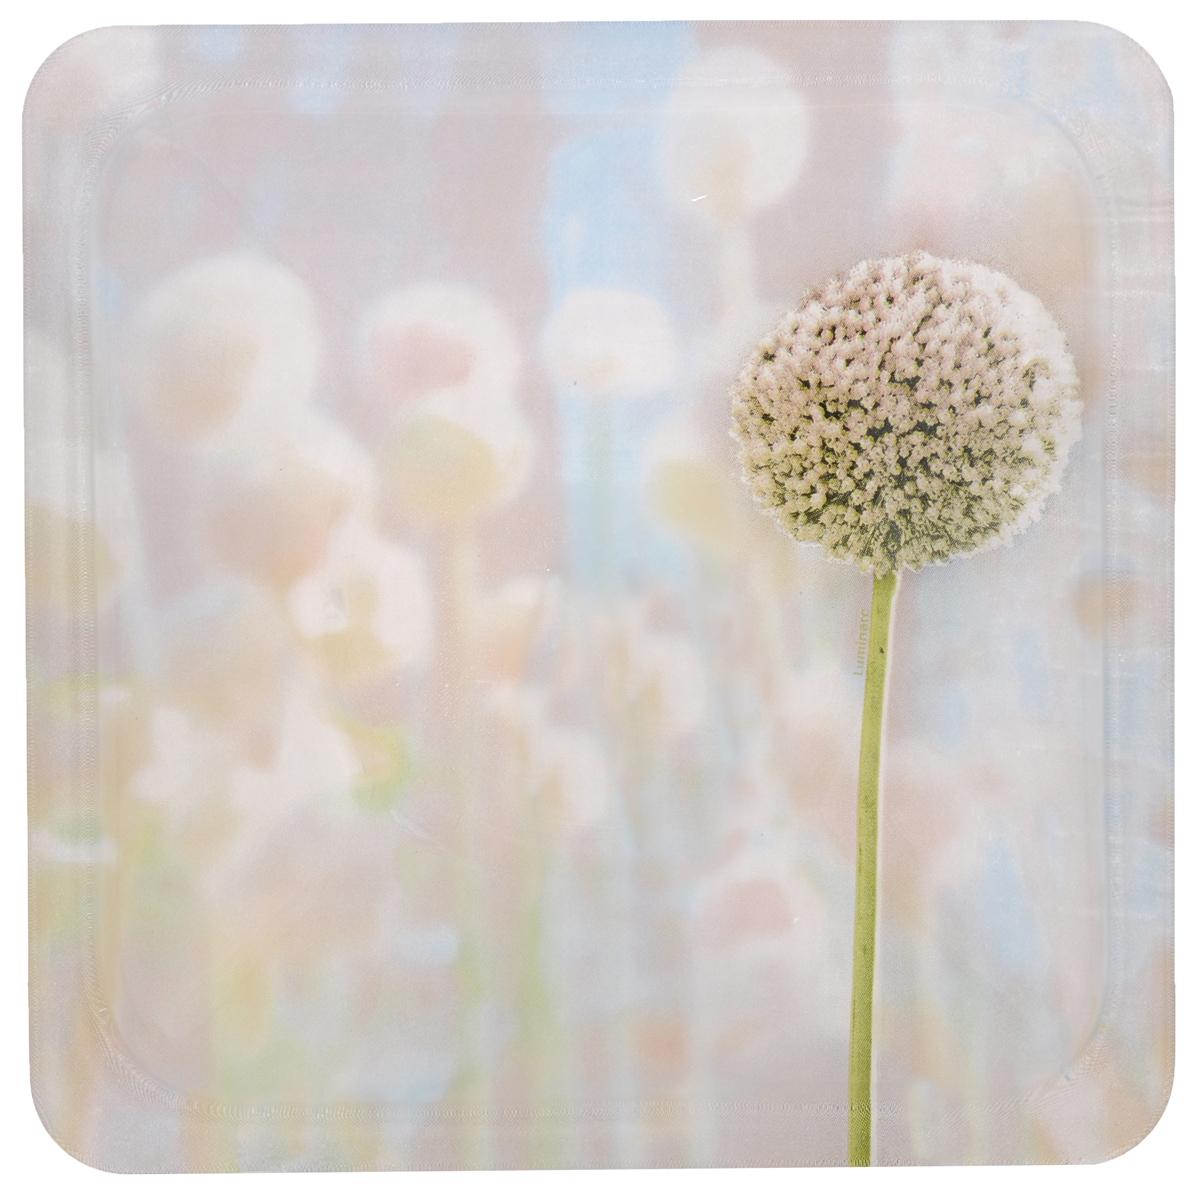 Тарелка Luminarc Eternal Spring, 25 см х 25 см115510Тарелка Luminarc Eternal Spring, декорированная нежным цветочным рисунком, изготовлена из высококачественного ударопрочного стекла. Изделие устойчиво к повреждениям и истиранию, в процессе эксплуатации не впитывает запахи и сохраняет первоначальные краски. Посуда Luminarc обладает не только высокими техническими характеристиками, но и красивым эстетичным дизайном. Luminarc - это современная, красивая, практичная столовая посуда. Такая тарелка идеально подходит для красивой сервировки закусок и нарезок. Можно использовать в СВЧ и мыть в посудомоечной машине.